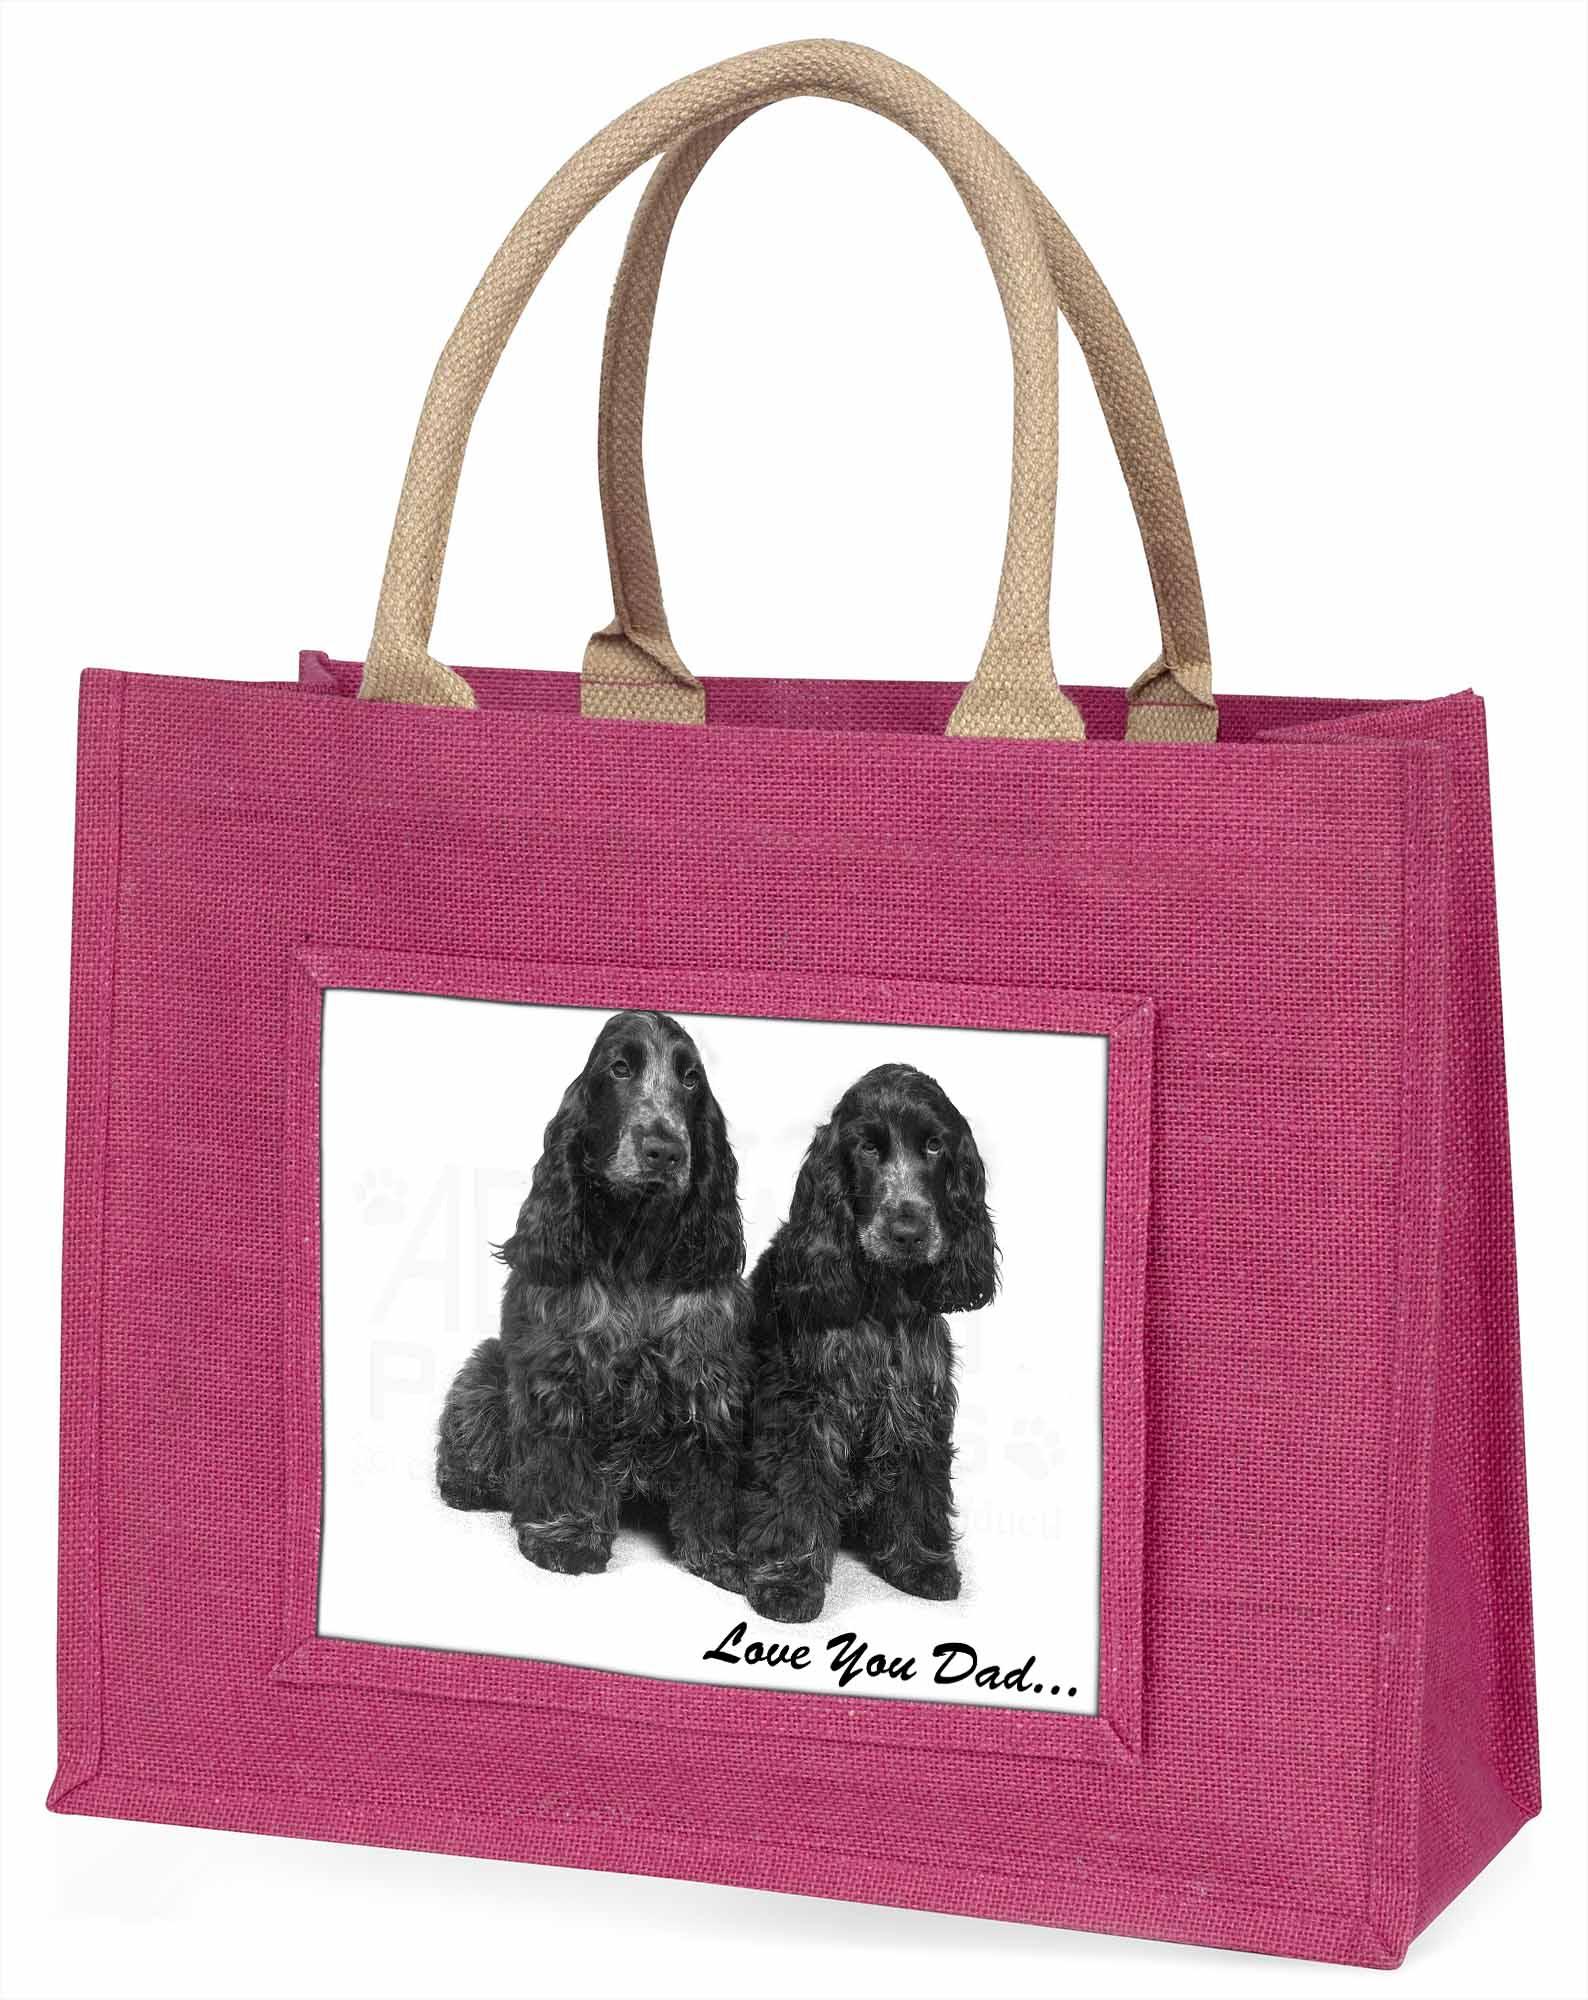 Cocker Spaniels' liebe Dich Papa' große rosa Einkaufstasche WEIHNACHTEN vor,